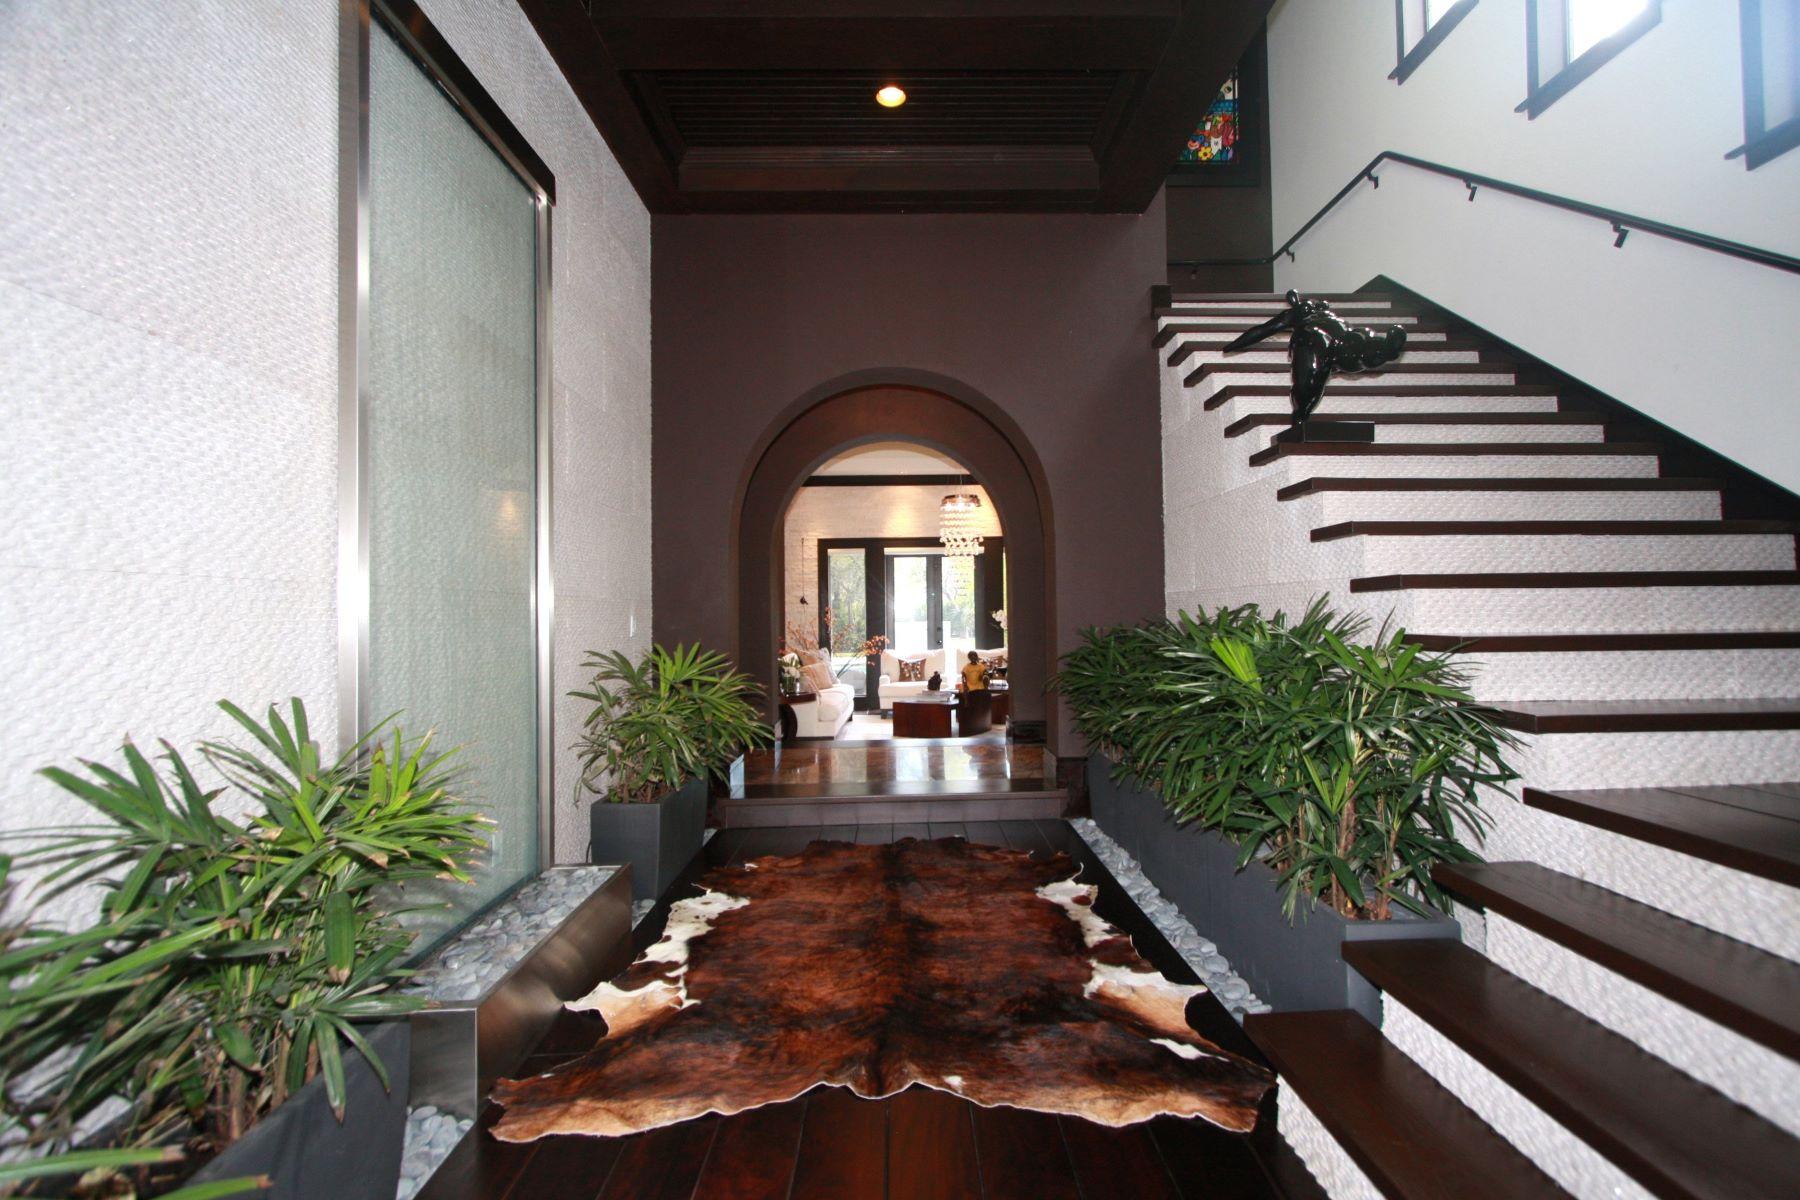 独户住宅 为 销售 在 5952 Sw 102 St 派恩克雷斯特, 佛罗里达州, 33156 美国